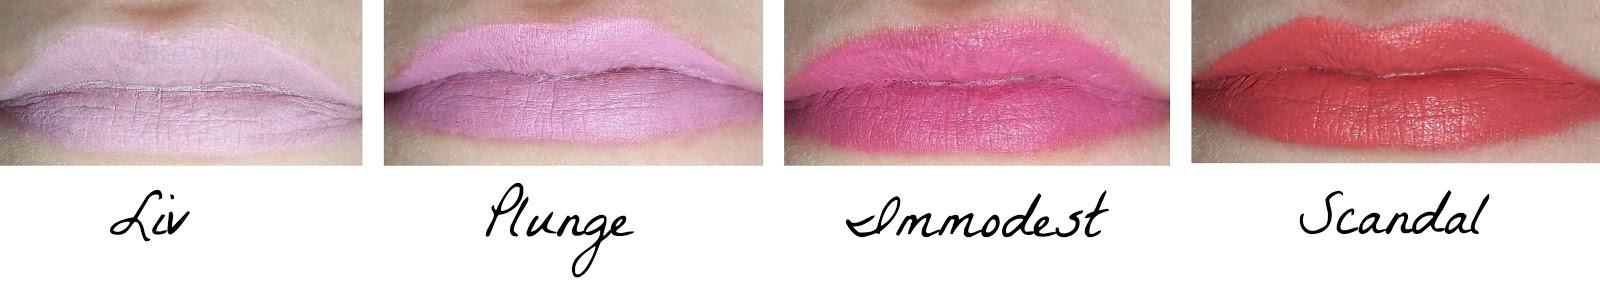 My Illamasqua lipsticks, Liv, Plunge, Immodest, Scandal, lip, swatches, beauty, Illamasqua, lipstick, make up, pink, review,